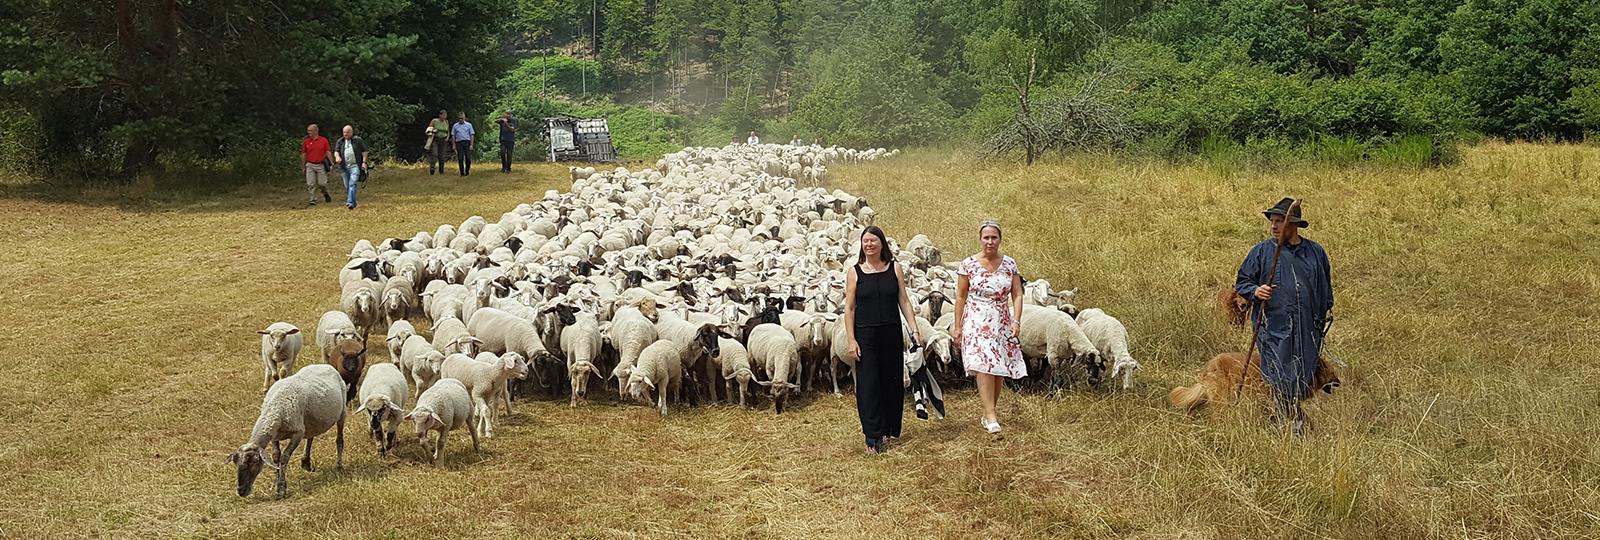 Umweltministerin Höfken unterwegs mit einer Schafherde